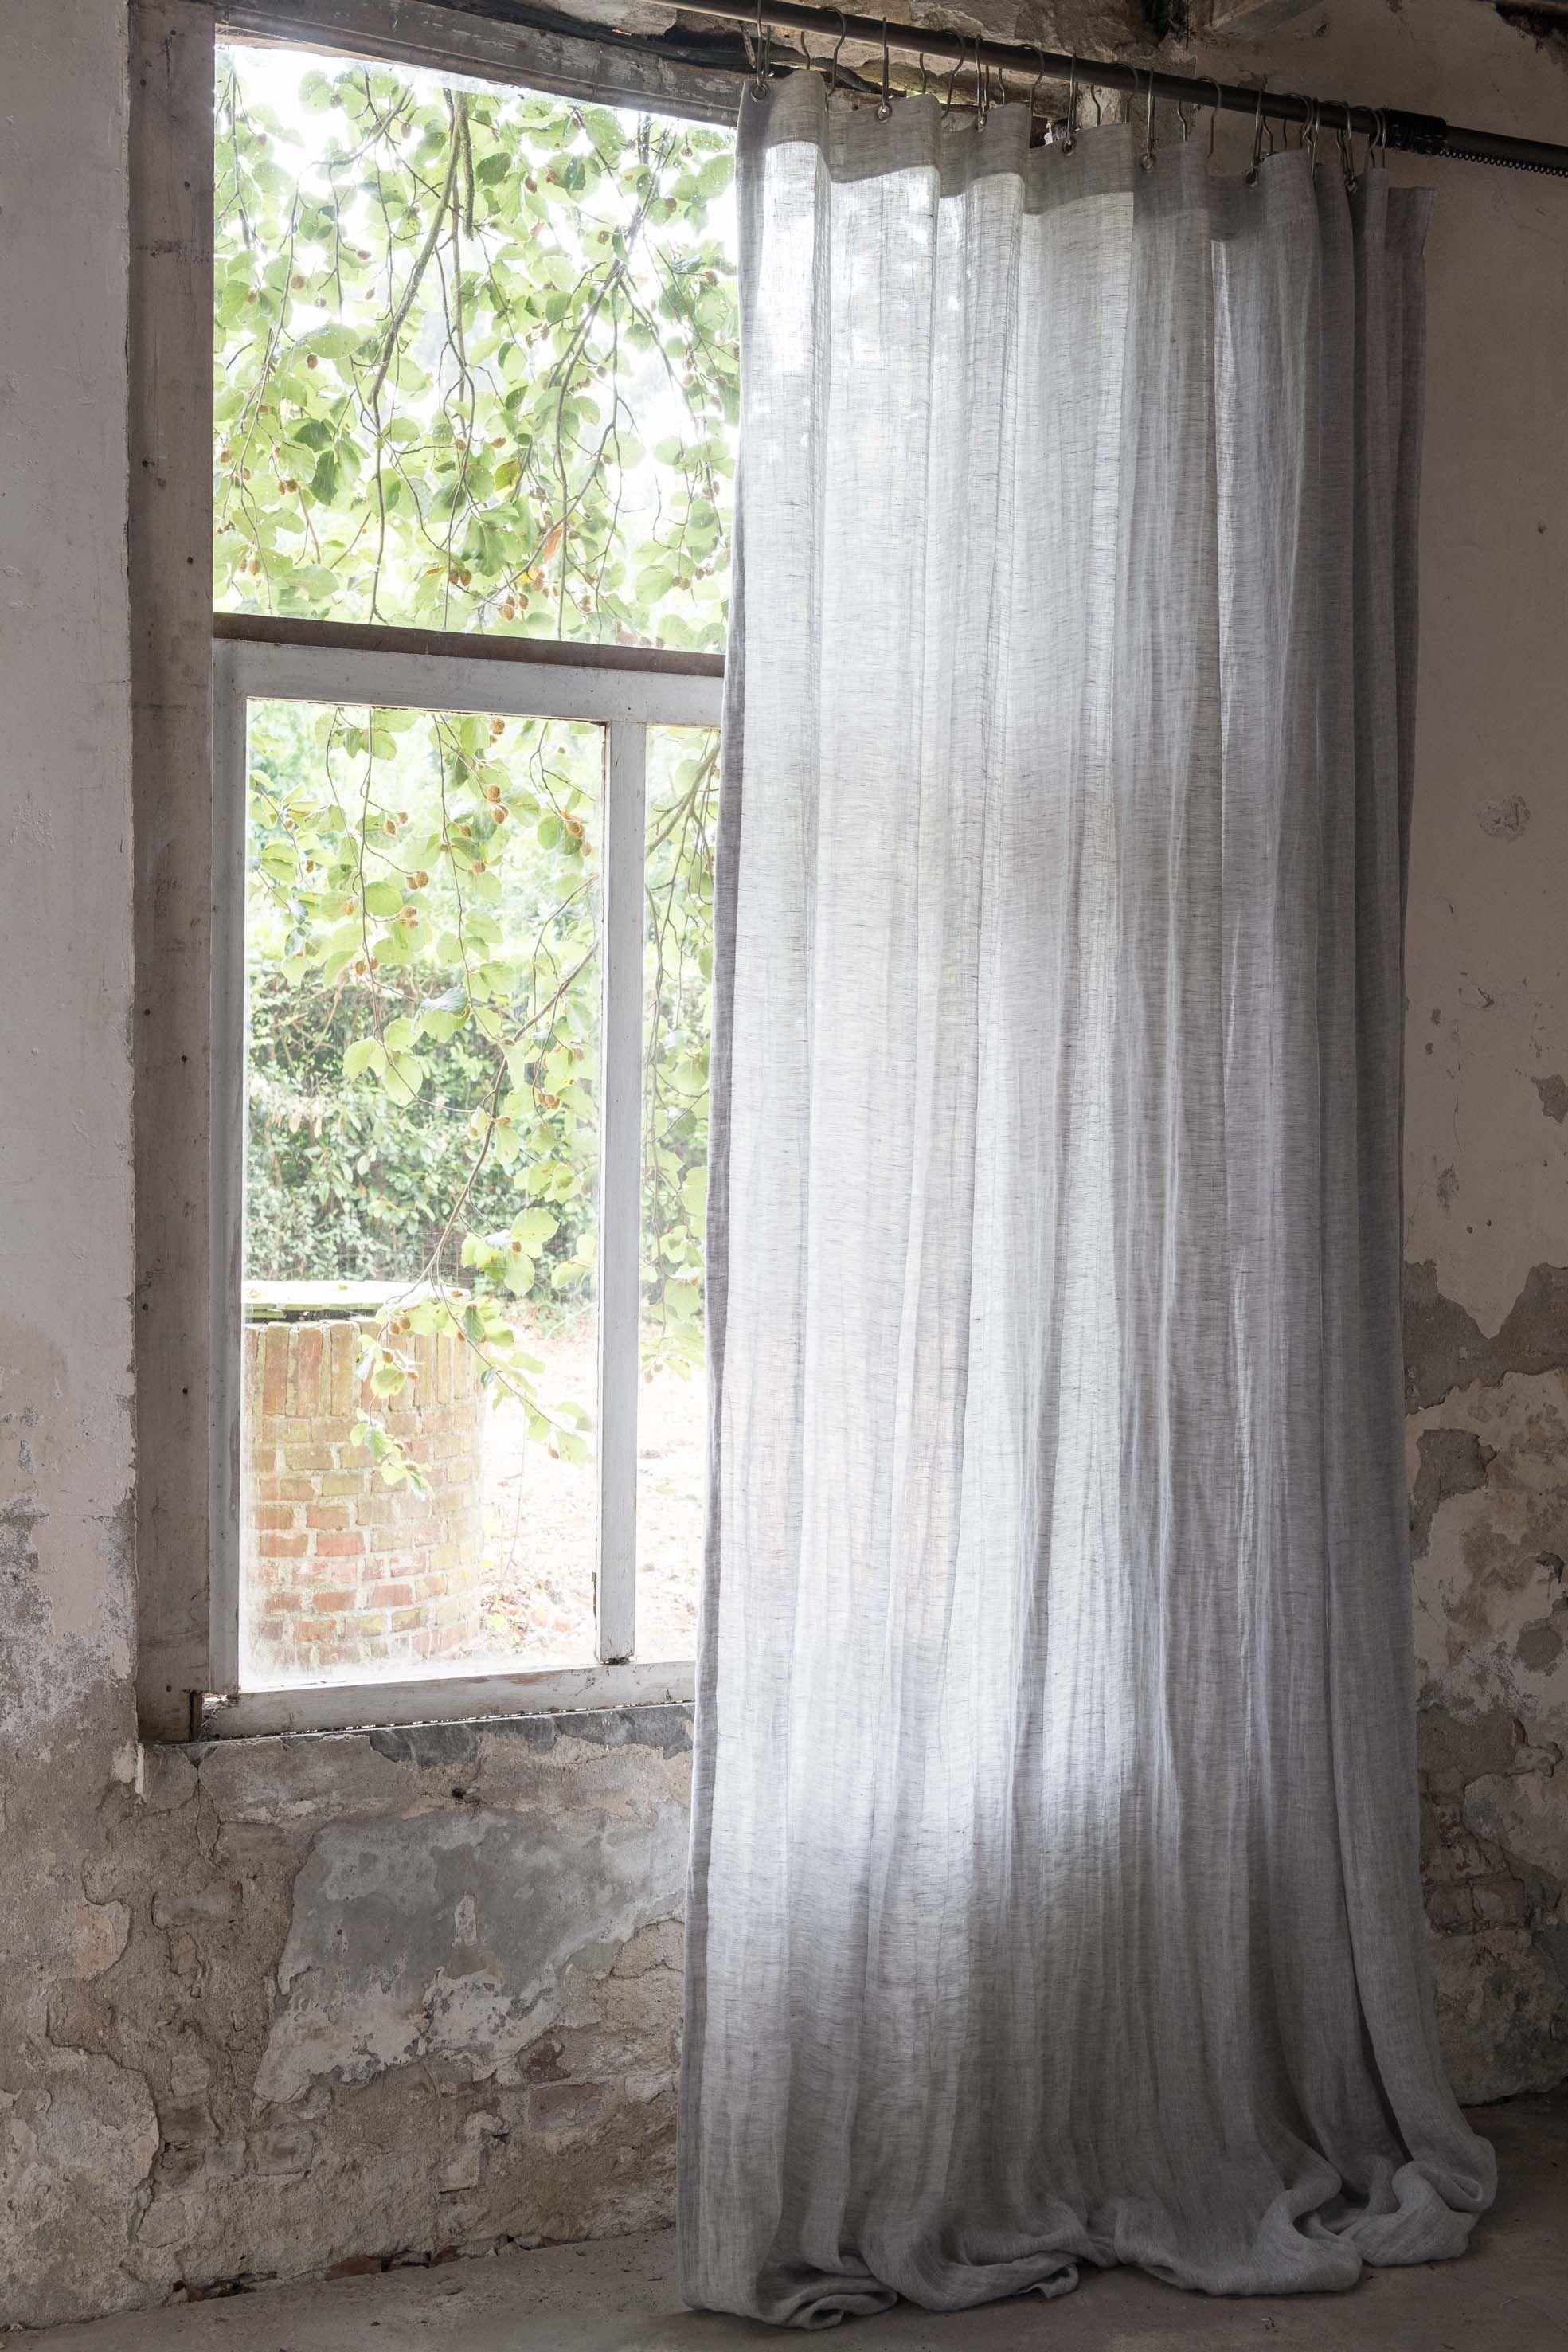 Wonderbaarlijk Linnen transparante gordijnen (met afbeeldingen) | Linnen UT-83